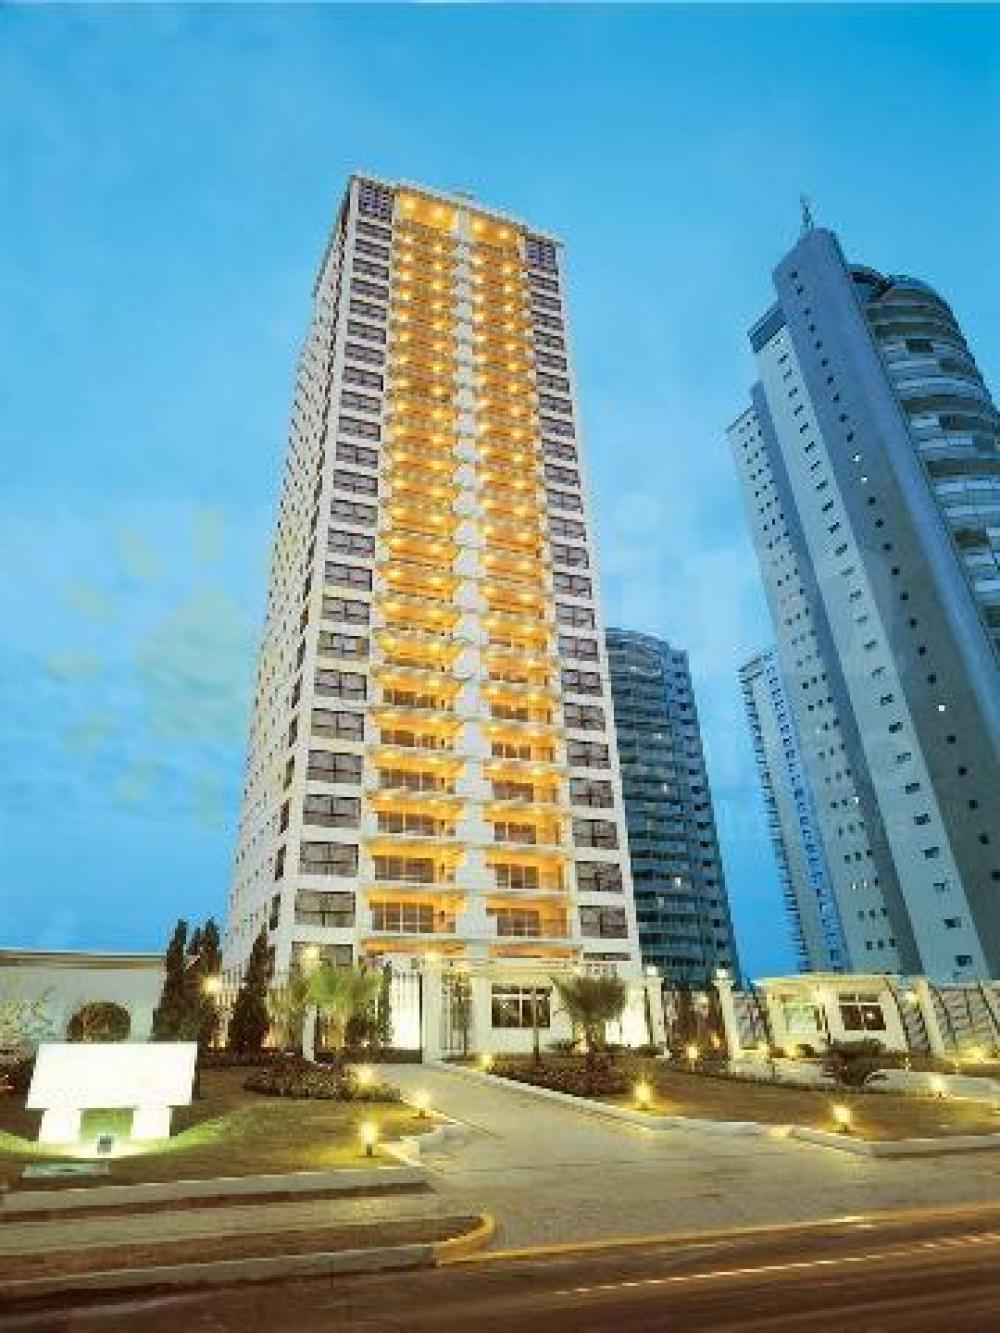 Comprar Apartamento / Padrão em Ribeirão Preto apenas R$ 1.200.000,00 - Foto 1